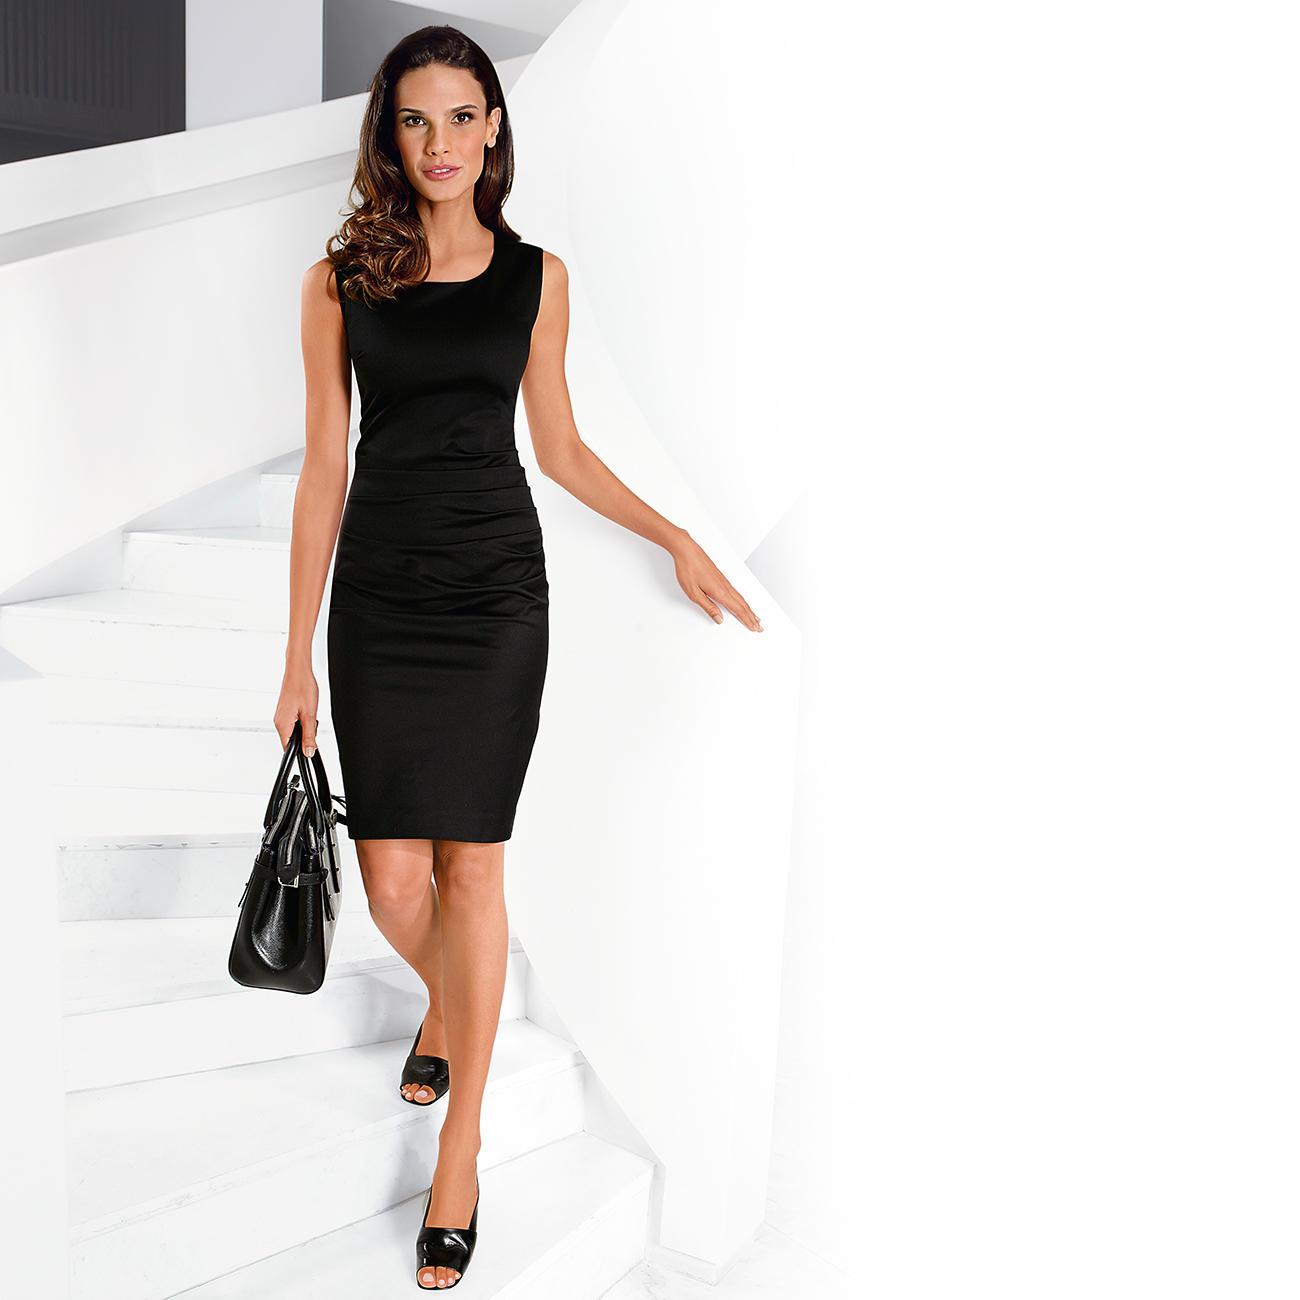 kleider schwarz elegant dein neuer kleiderfotoblog. Black Bedroom Furniture Sets. Home Design Ideas